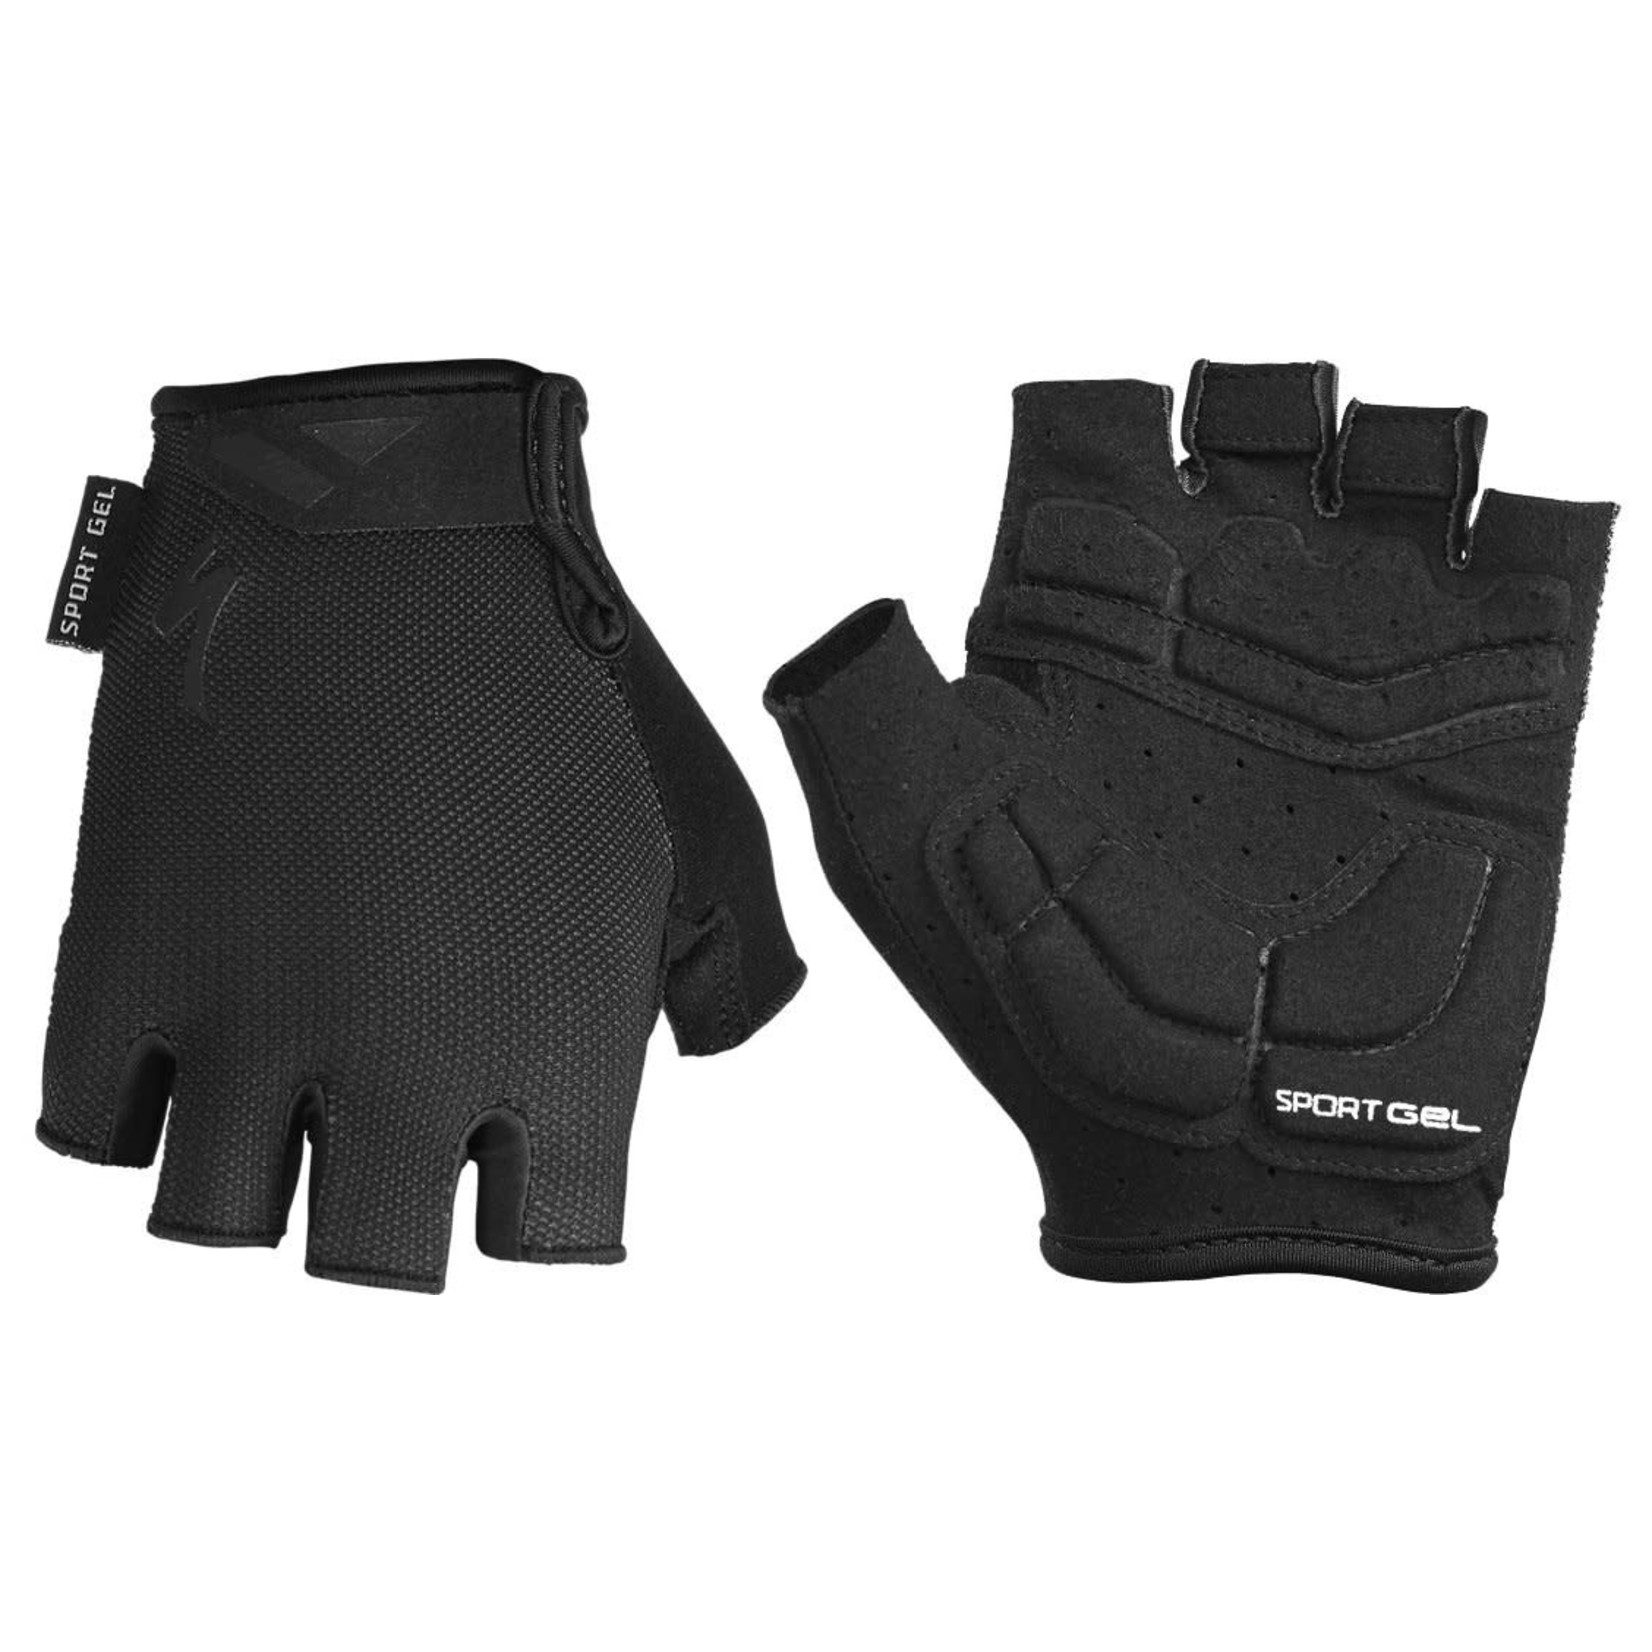 Specialized BG Sport Gel Short Finger Womens